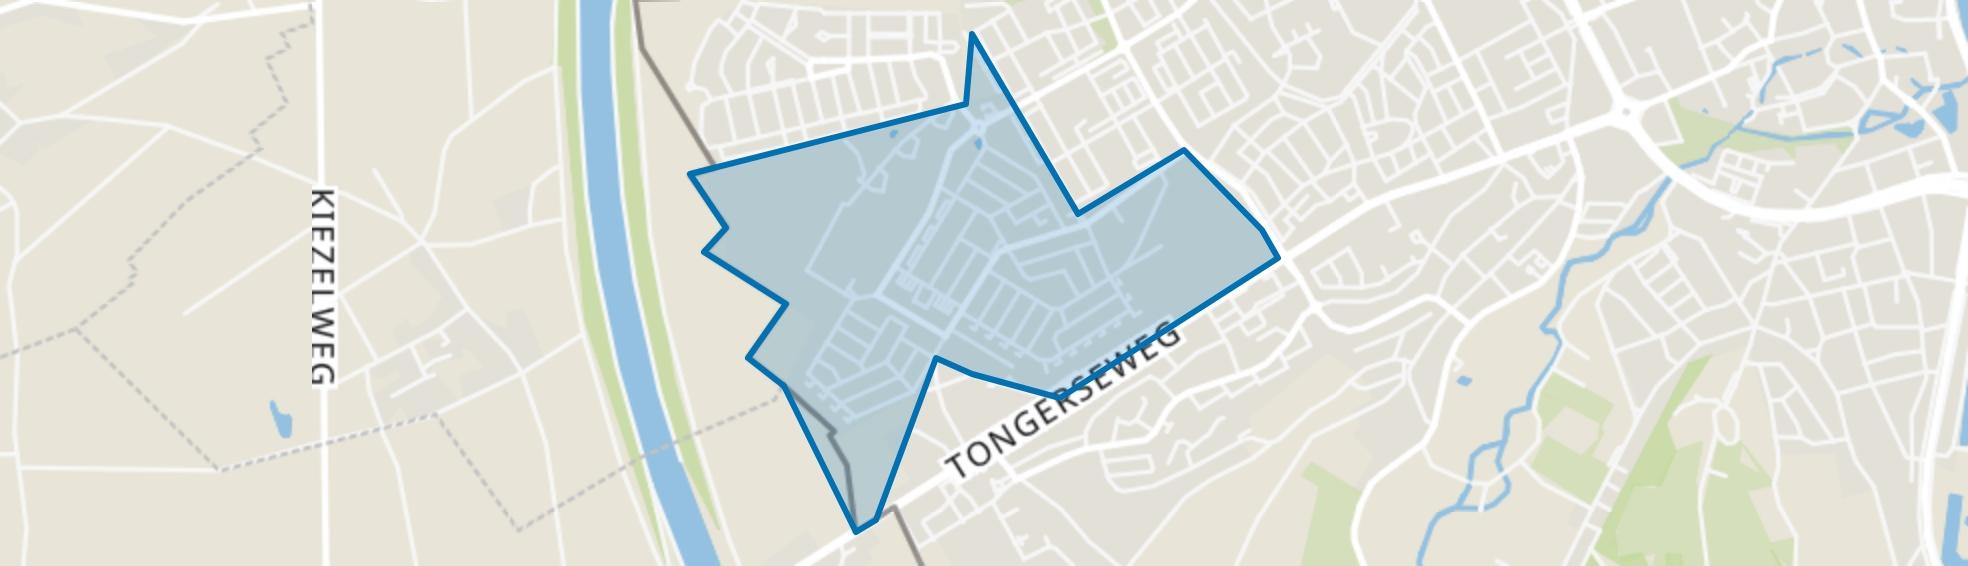 Daalhof, Maastricht map